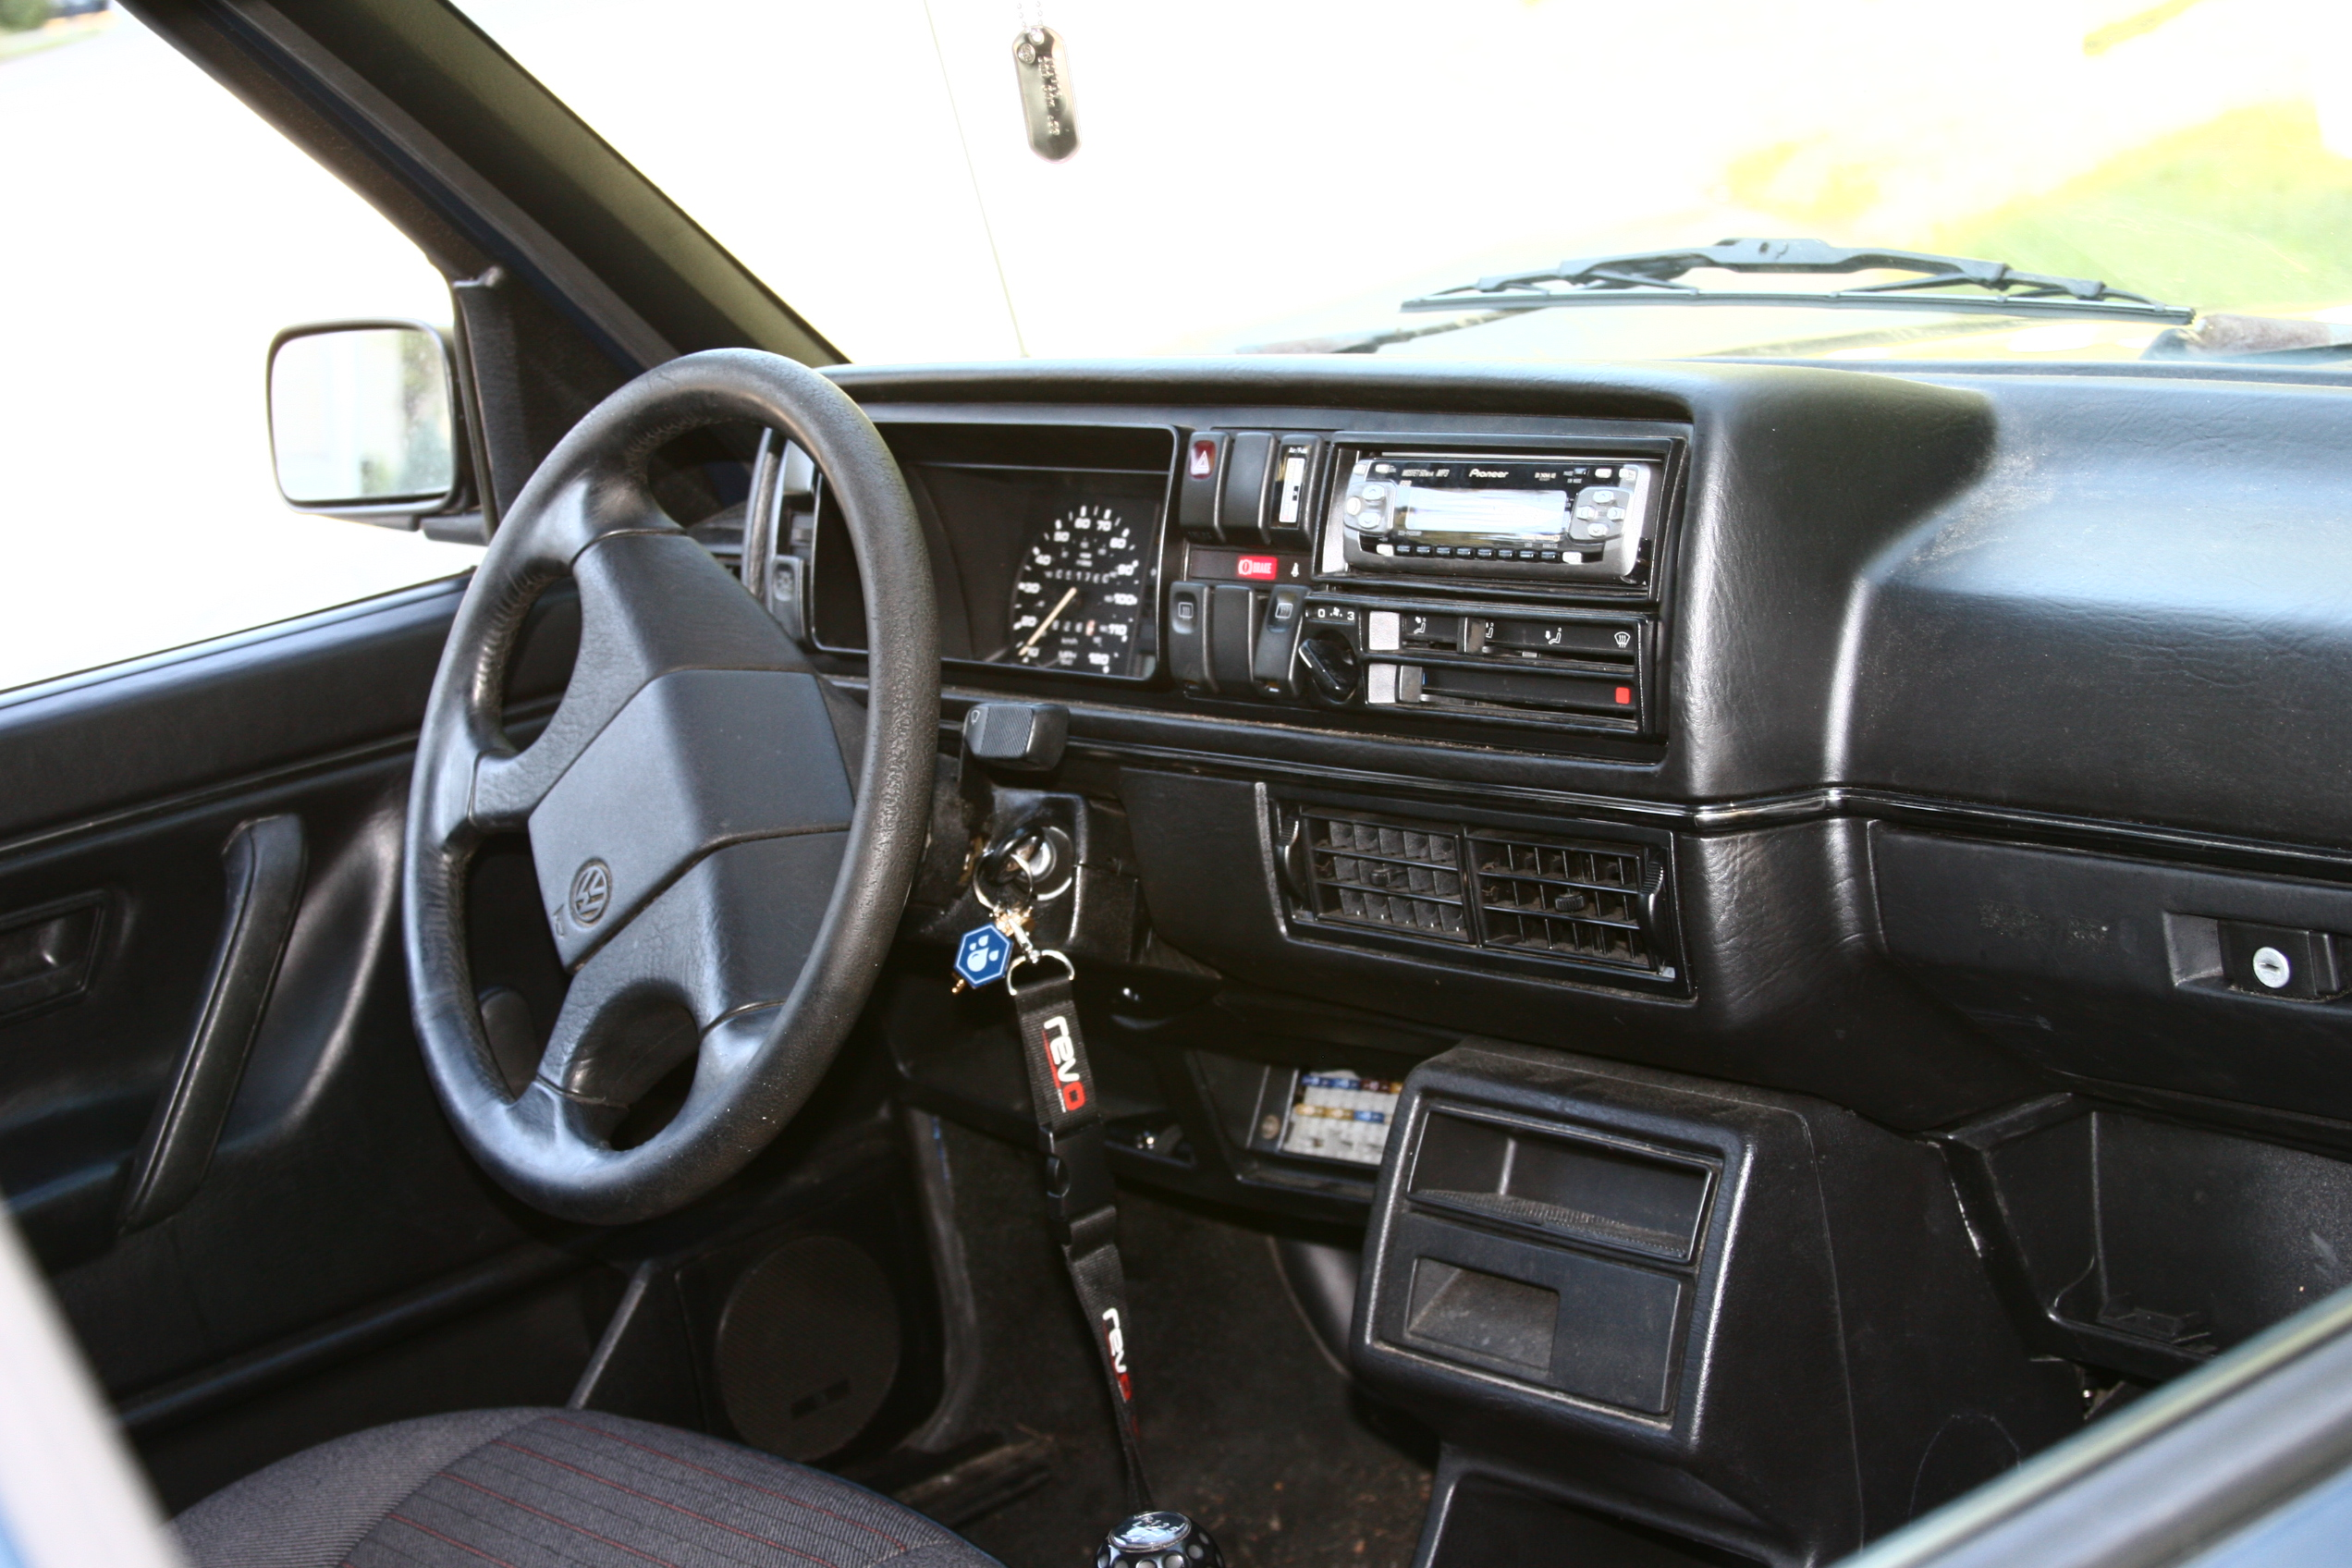 Golf Gti interior, bolster. FilVwgolfmk2interior.JPG